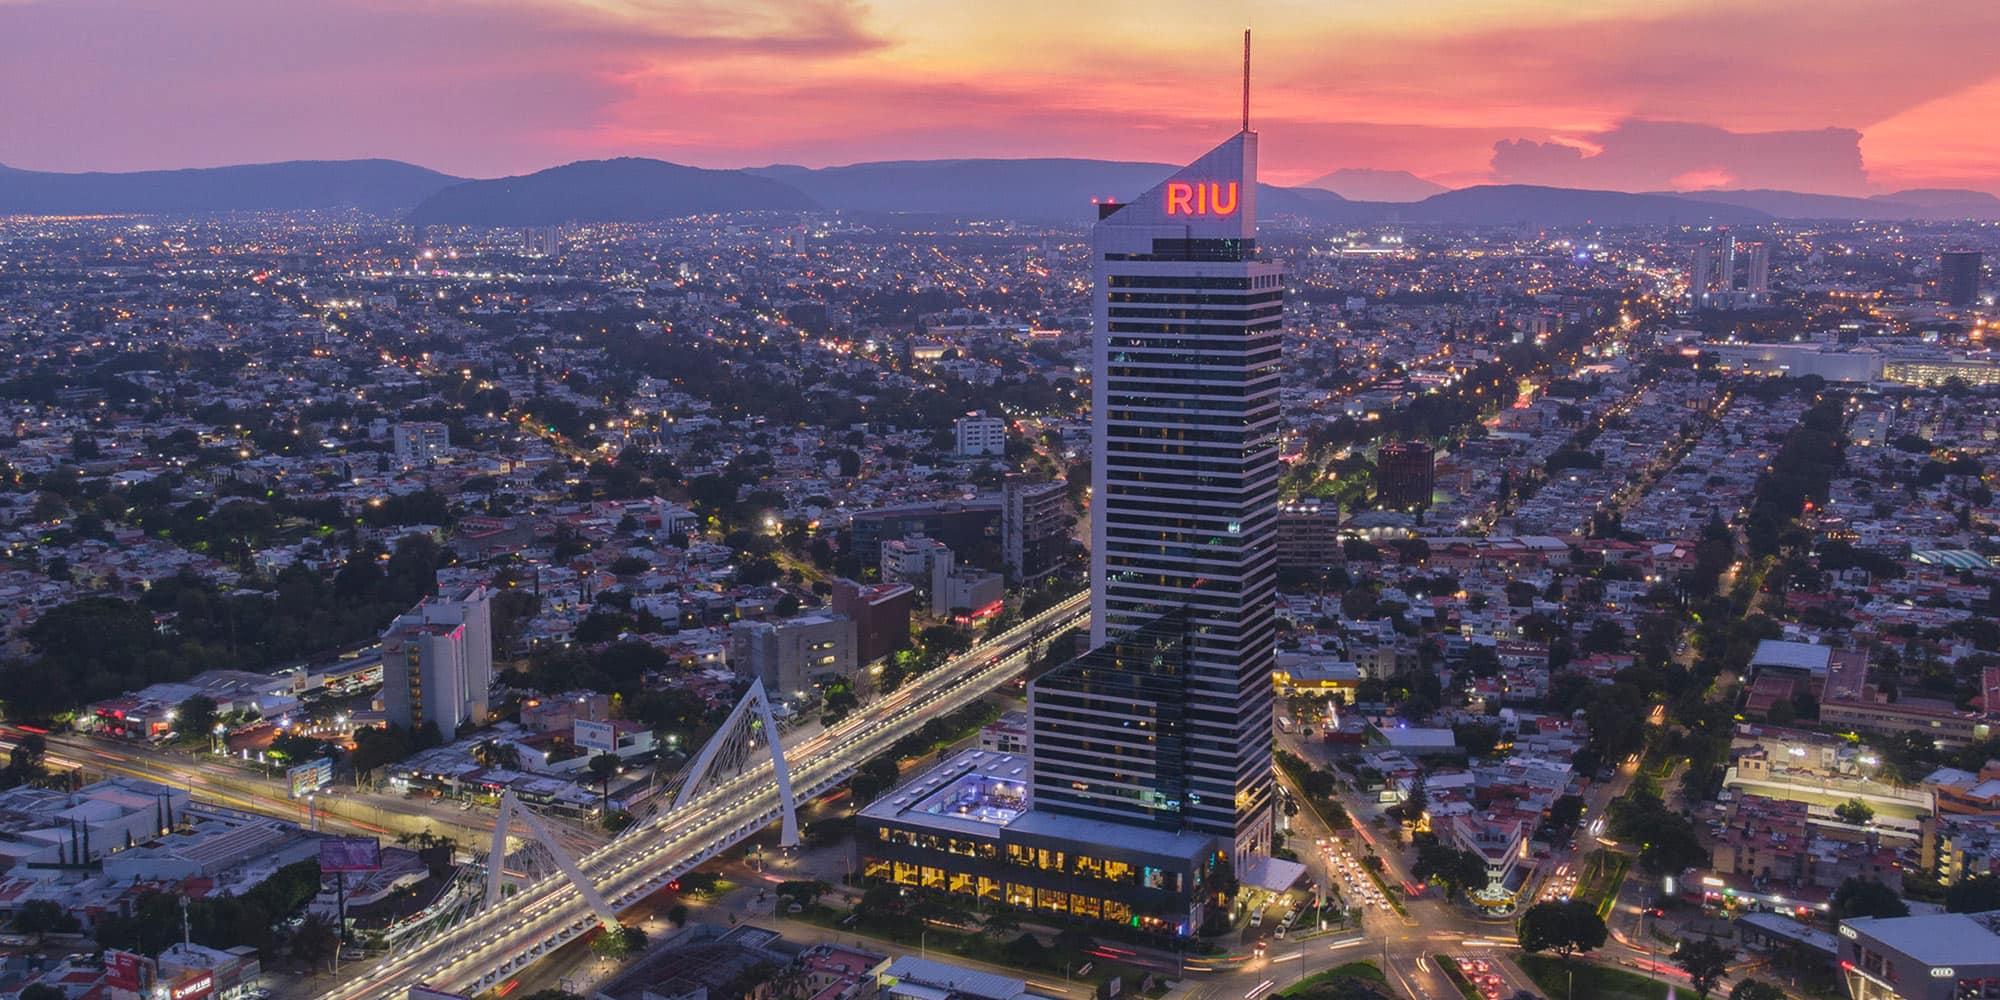 Este rascacielos se encuentra en la capital de Jalisco.